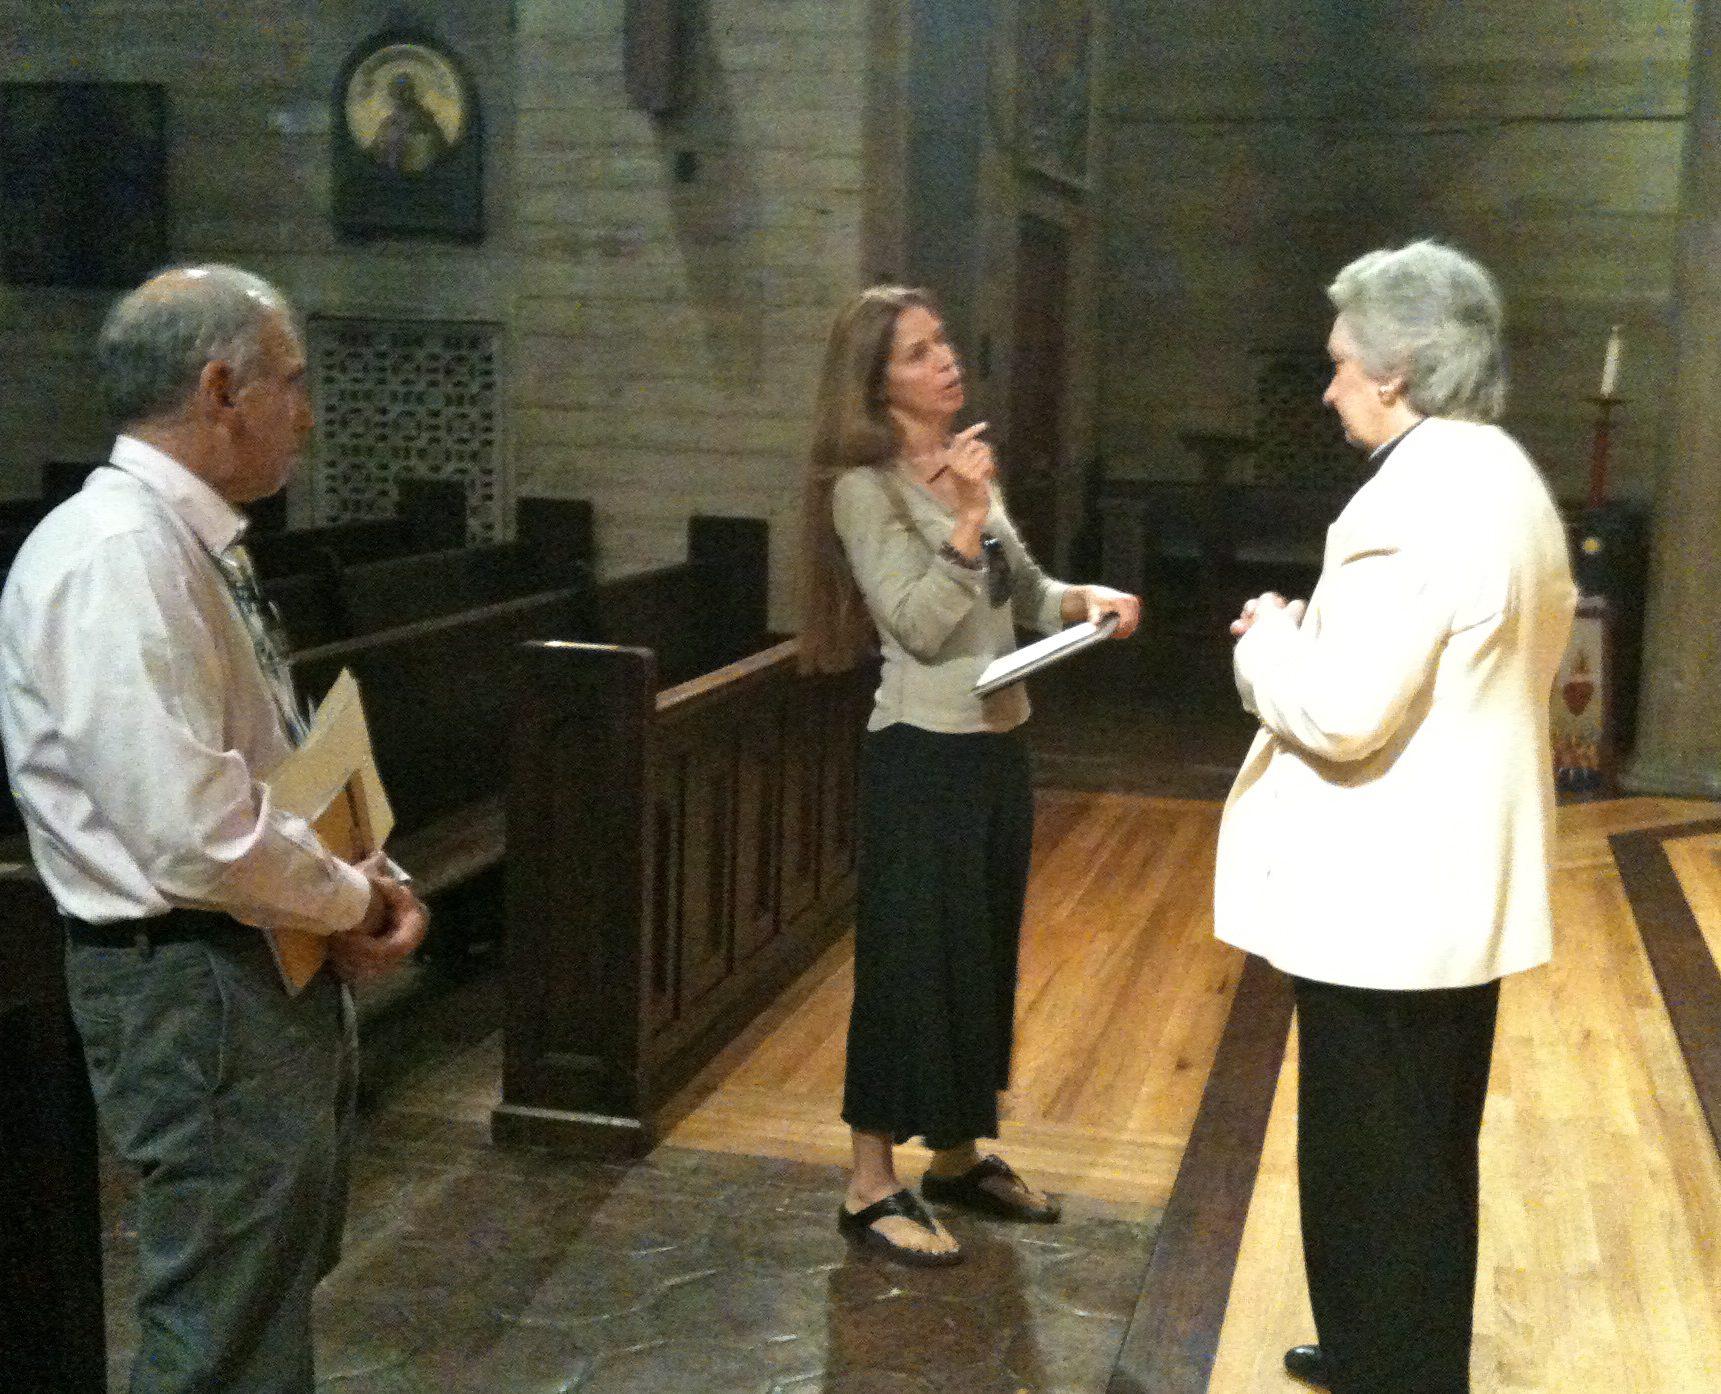 Filmmaker Jennifer Jessum, Rabbi Neil Comess-Daniels, Rev. Dr. Gwynne Guibord